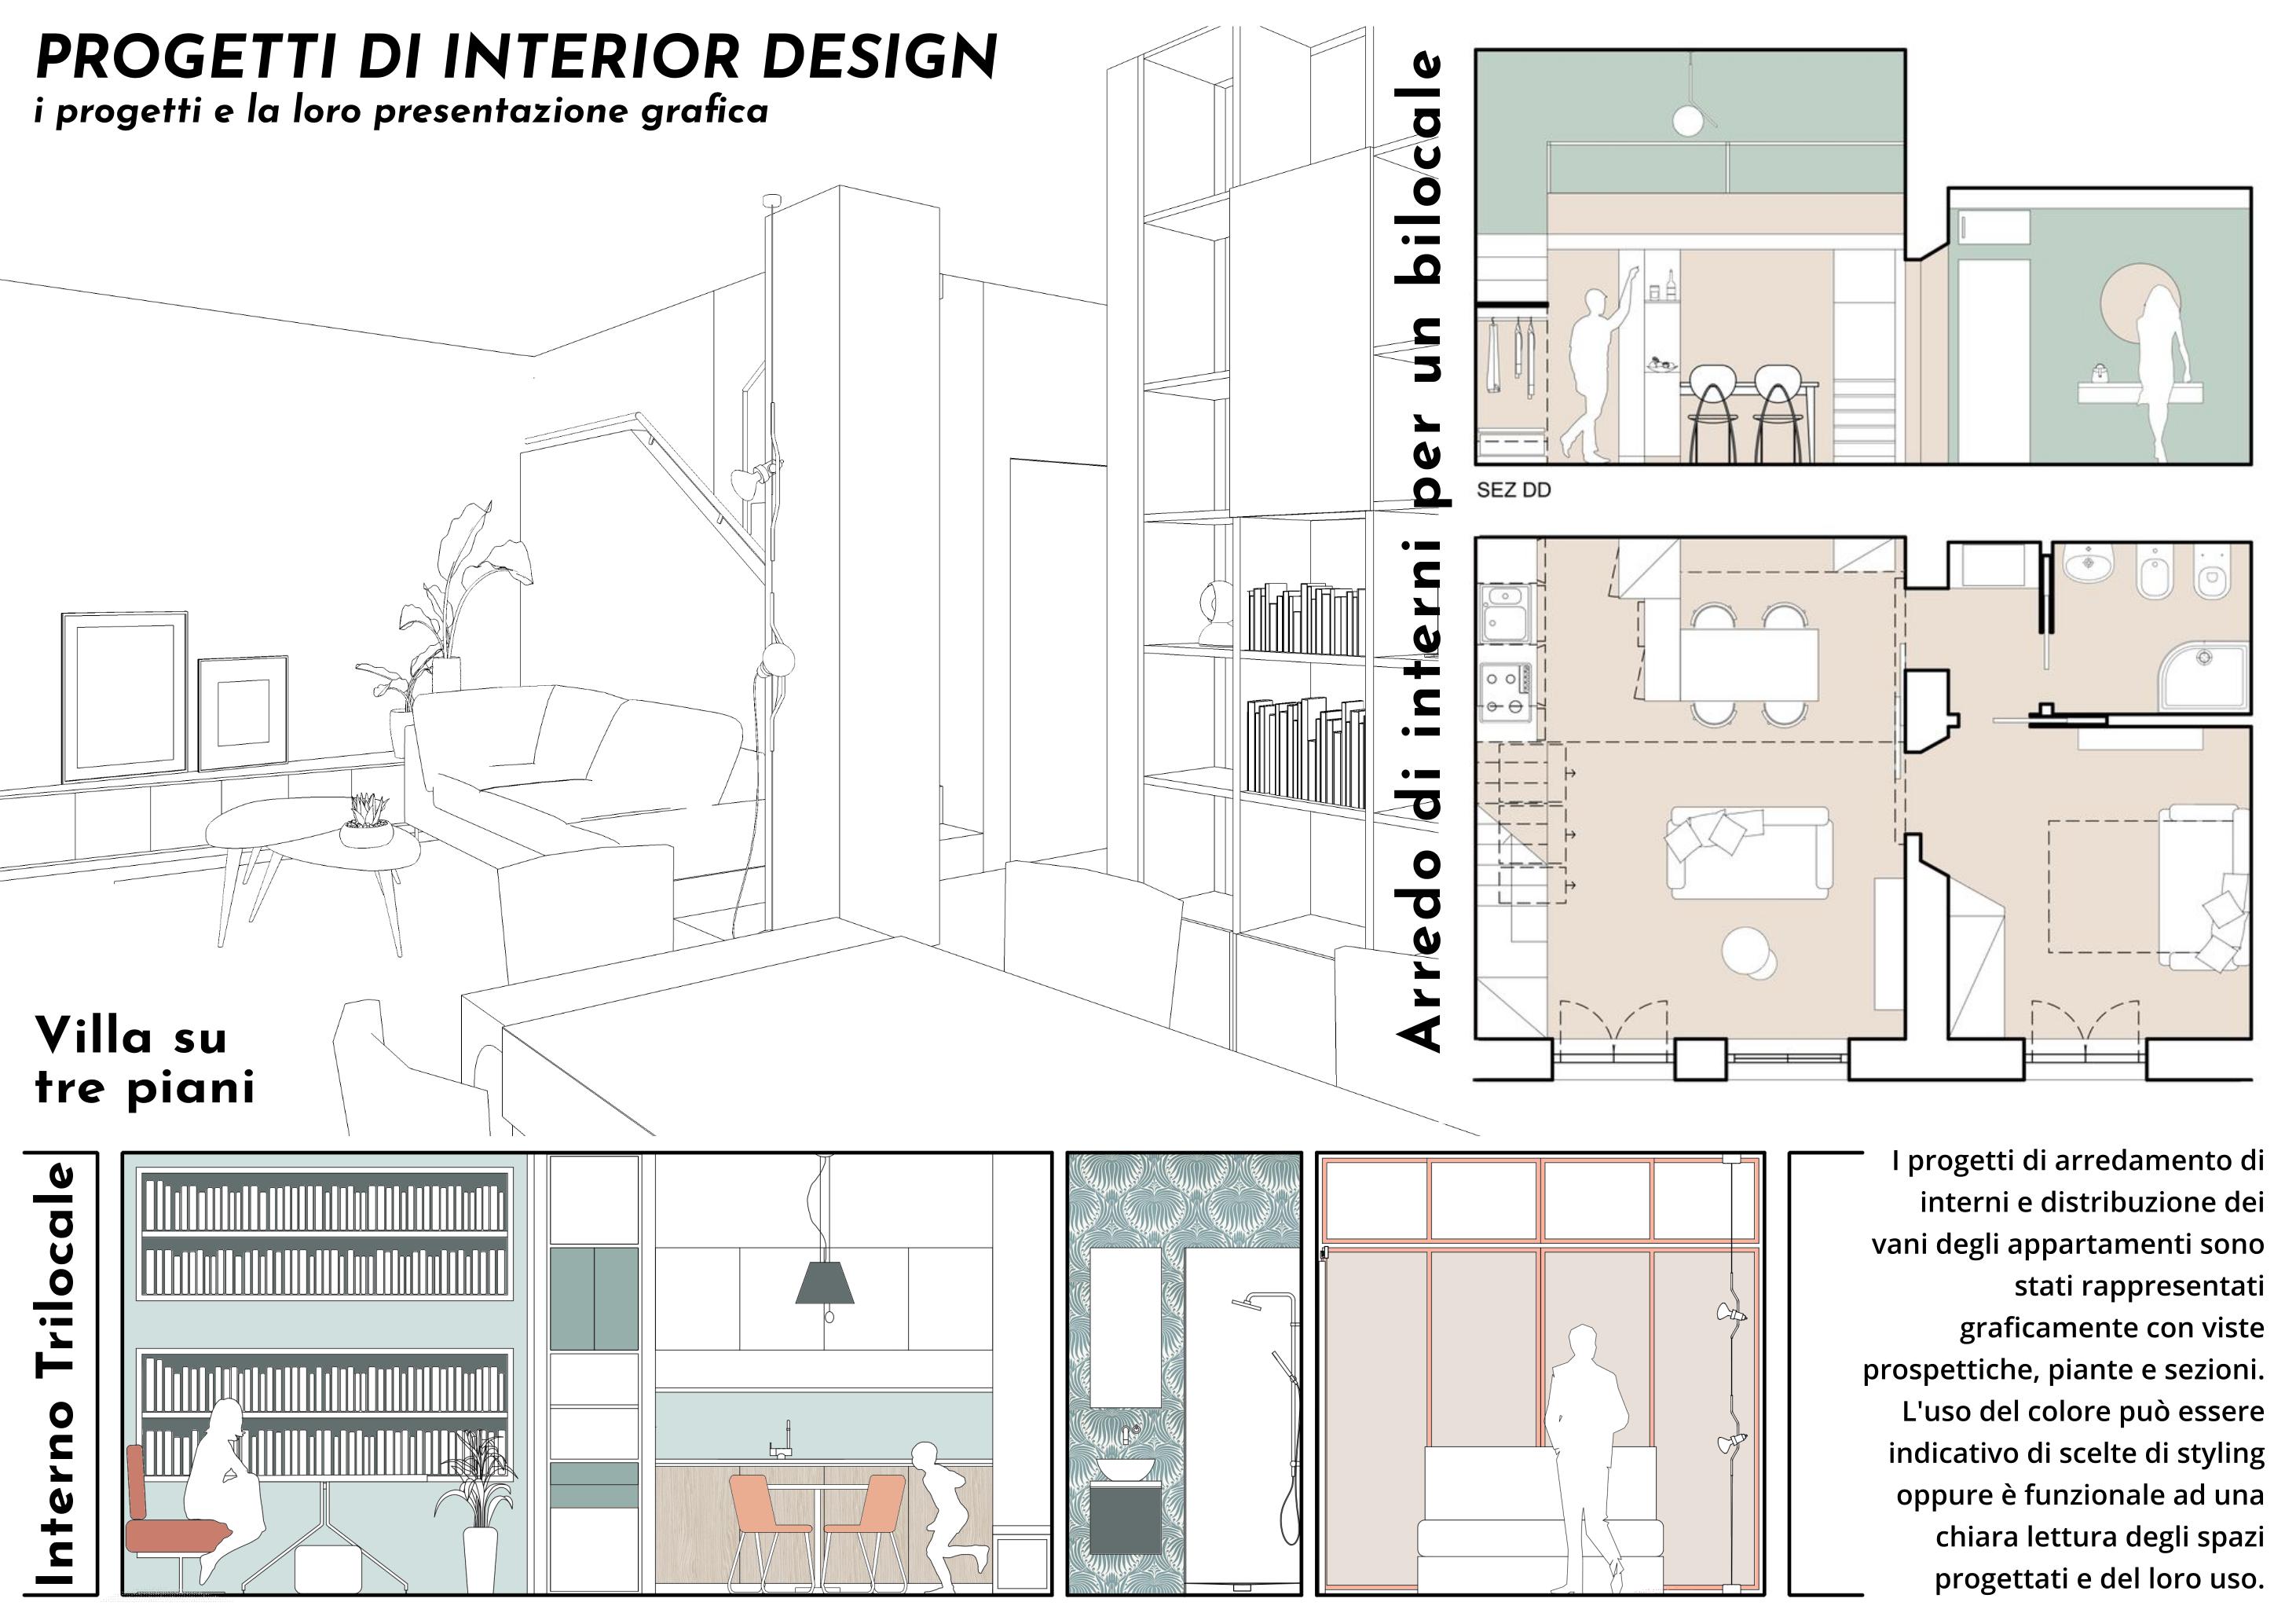 Studio architetto di interni progettazioni residenziali e commerciali. Interior Design Portifolio Arquitetura Detalhamento Arquitetura Pranchas